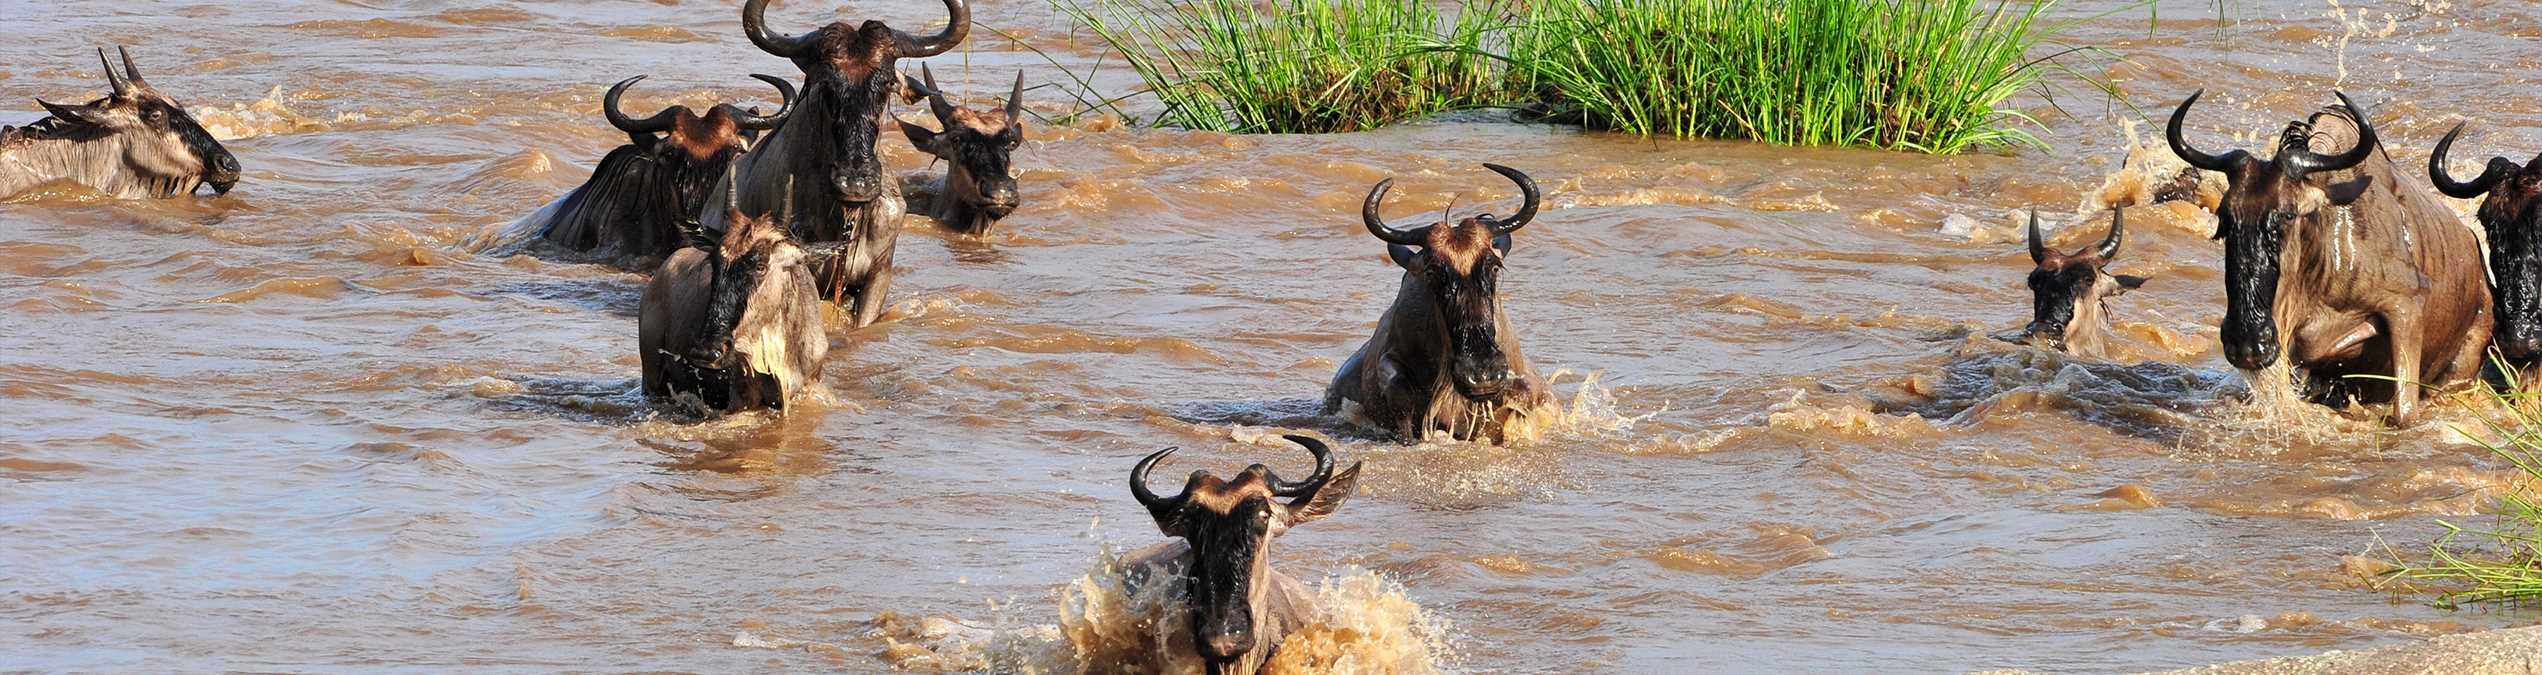 Safari Club - kenya